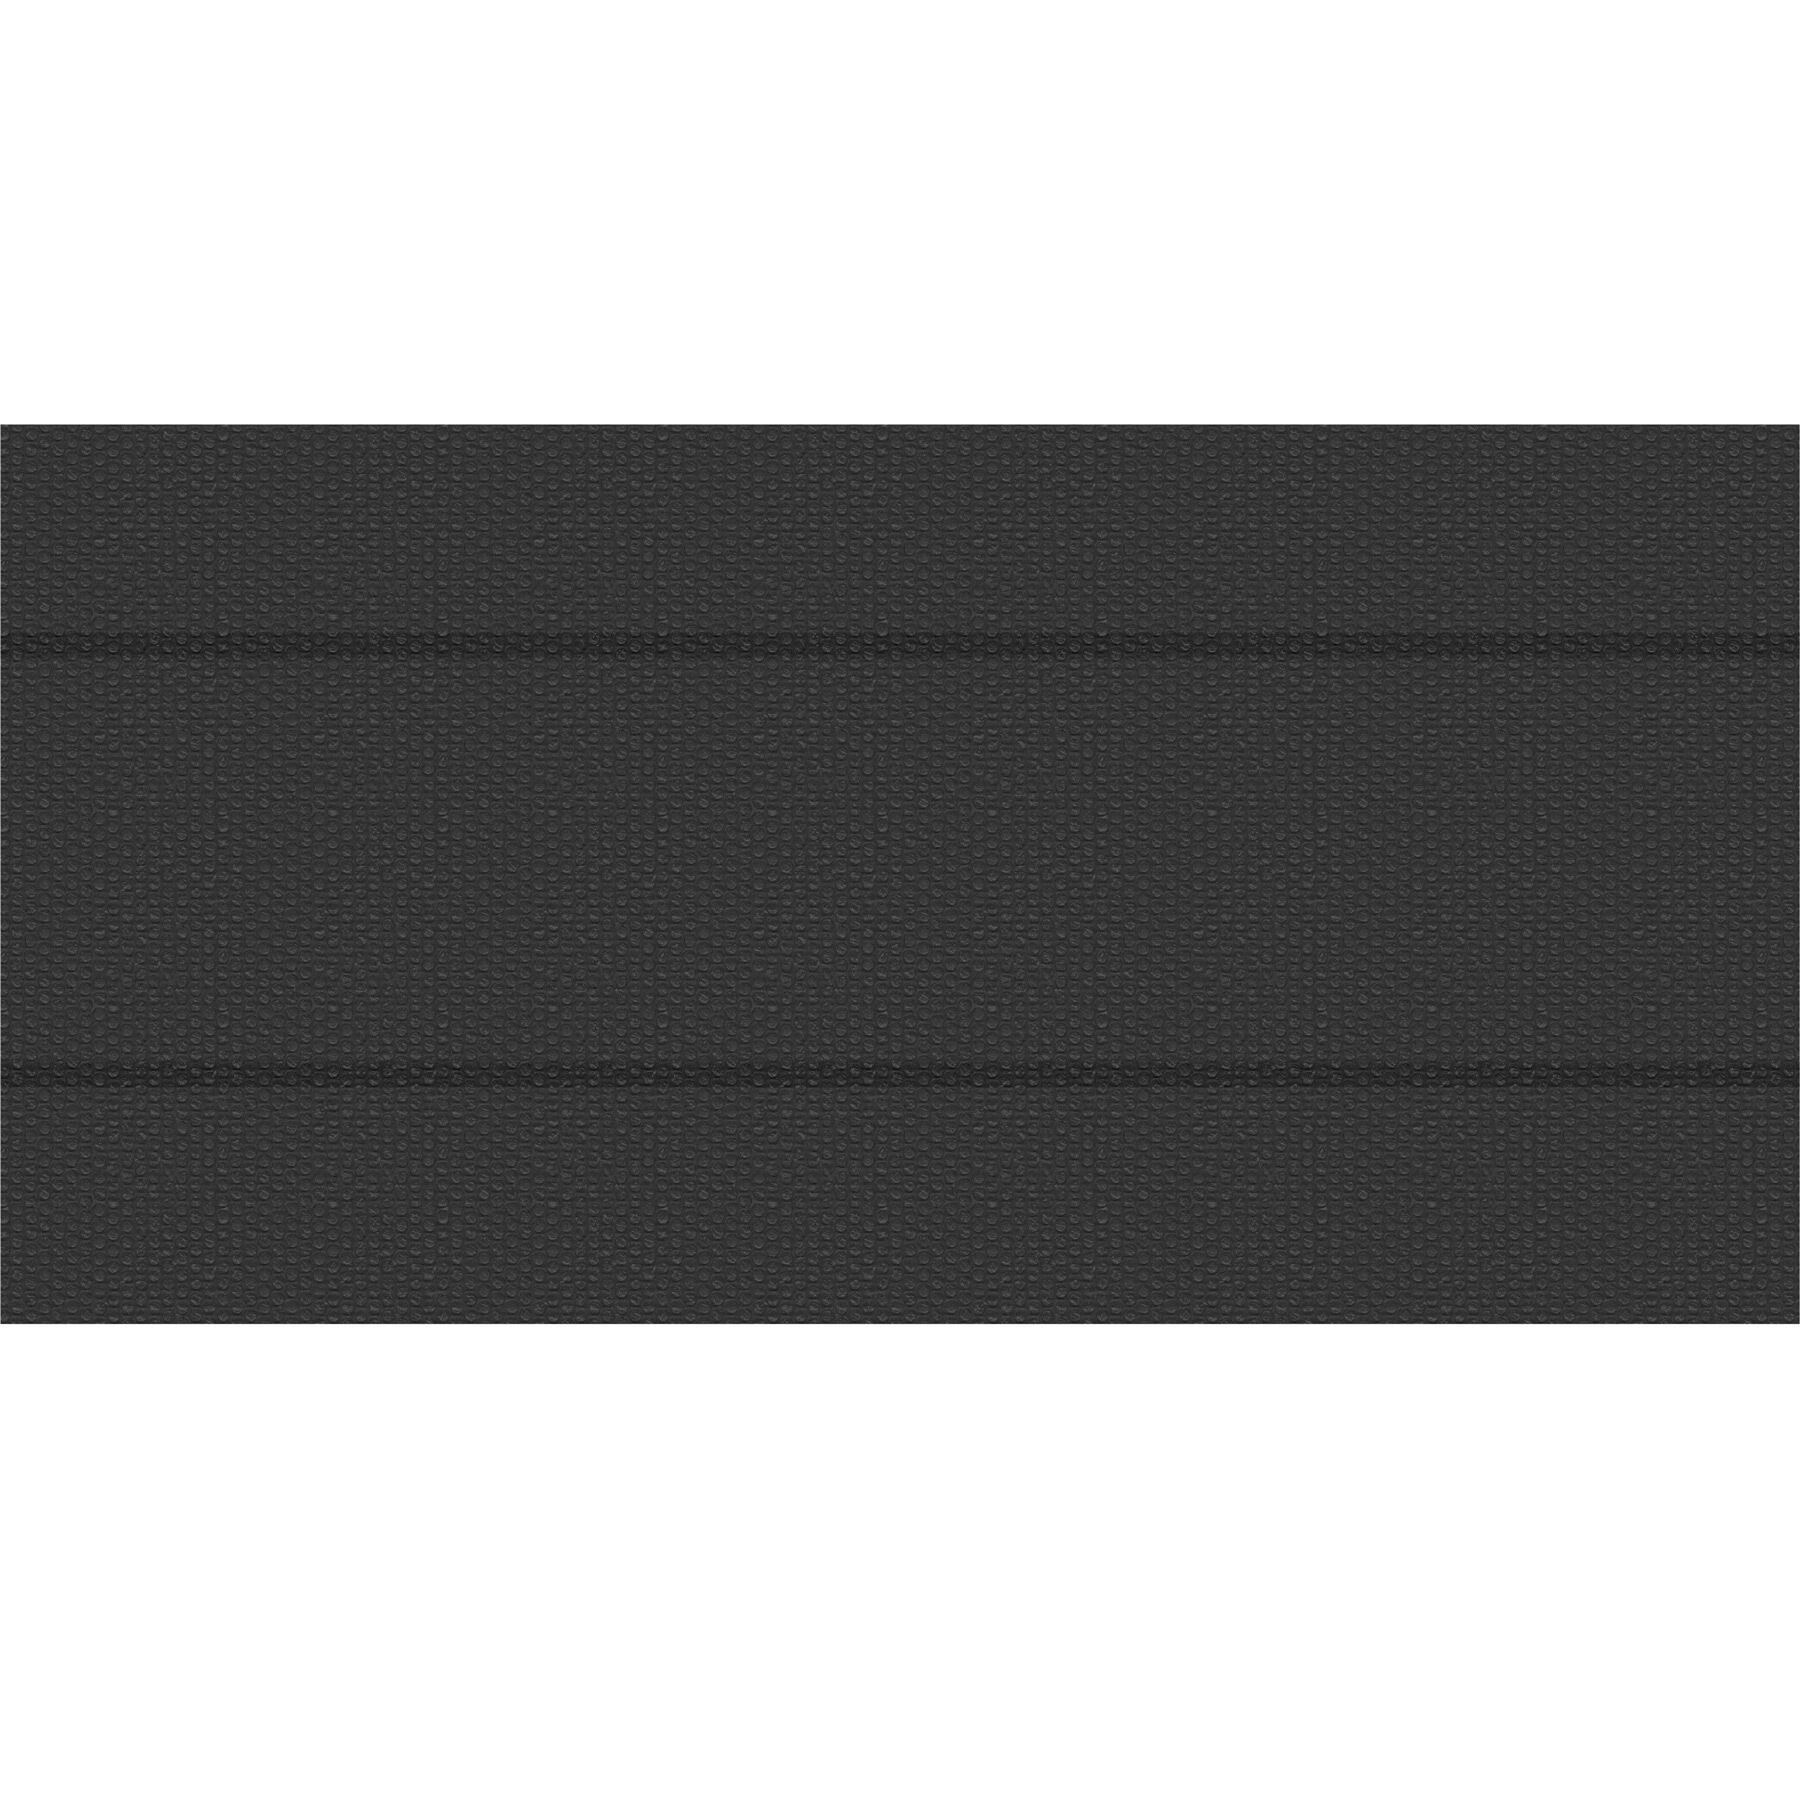 tectake pellicola solare copripiscina nera rettangolare - 500 x 1000 cm